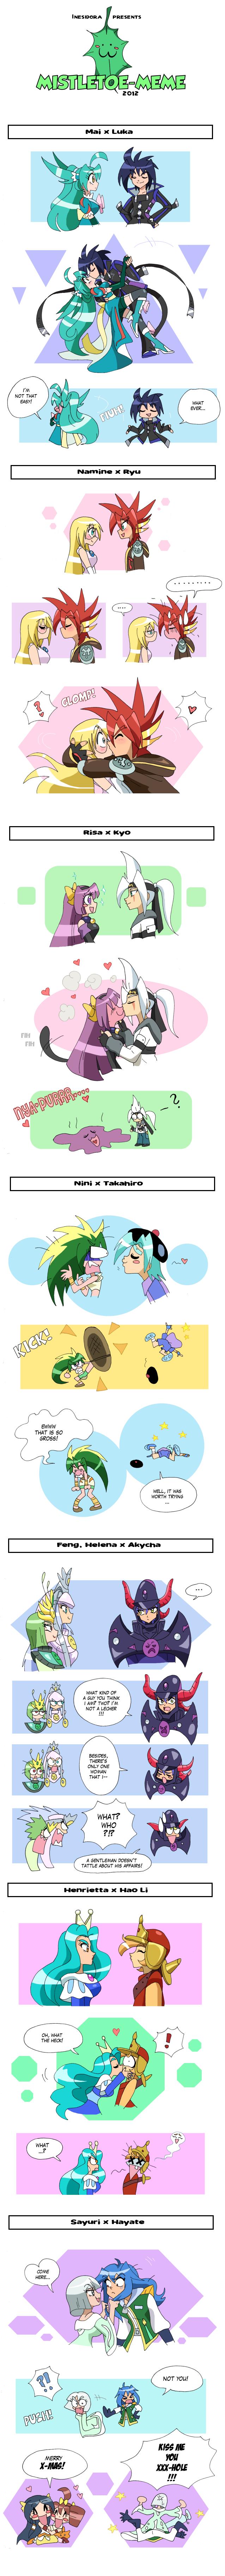 Mistletoe Meme by Inesidora